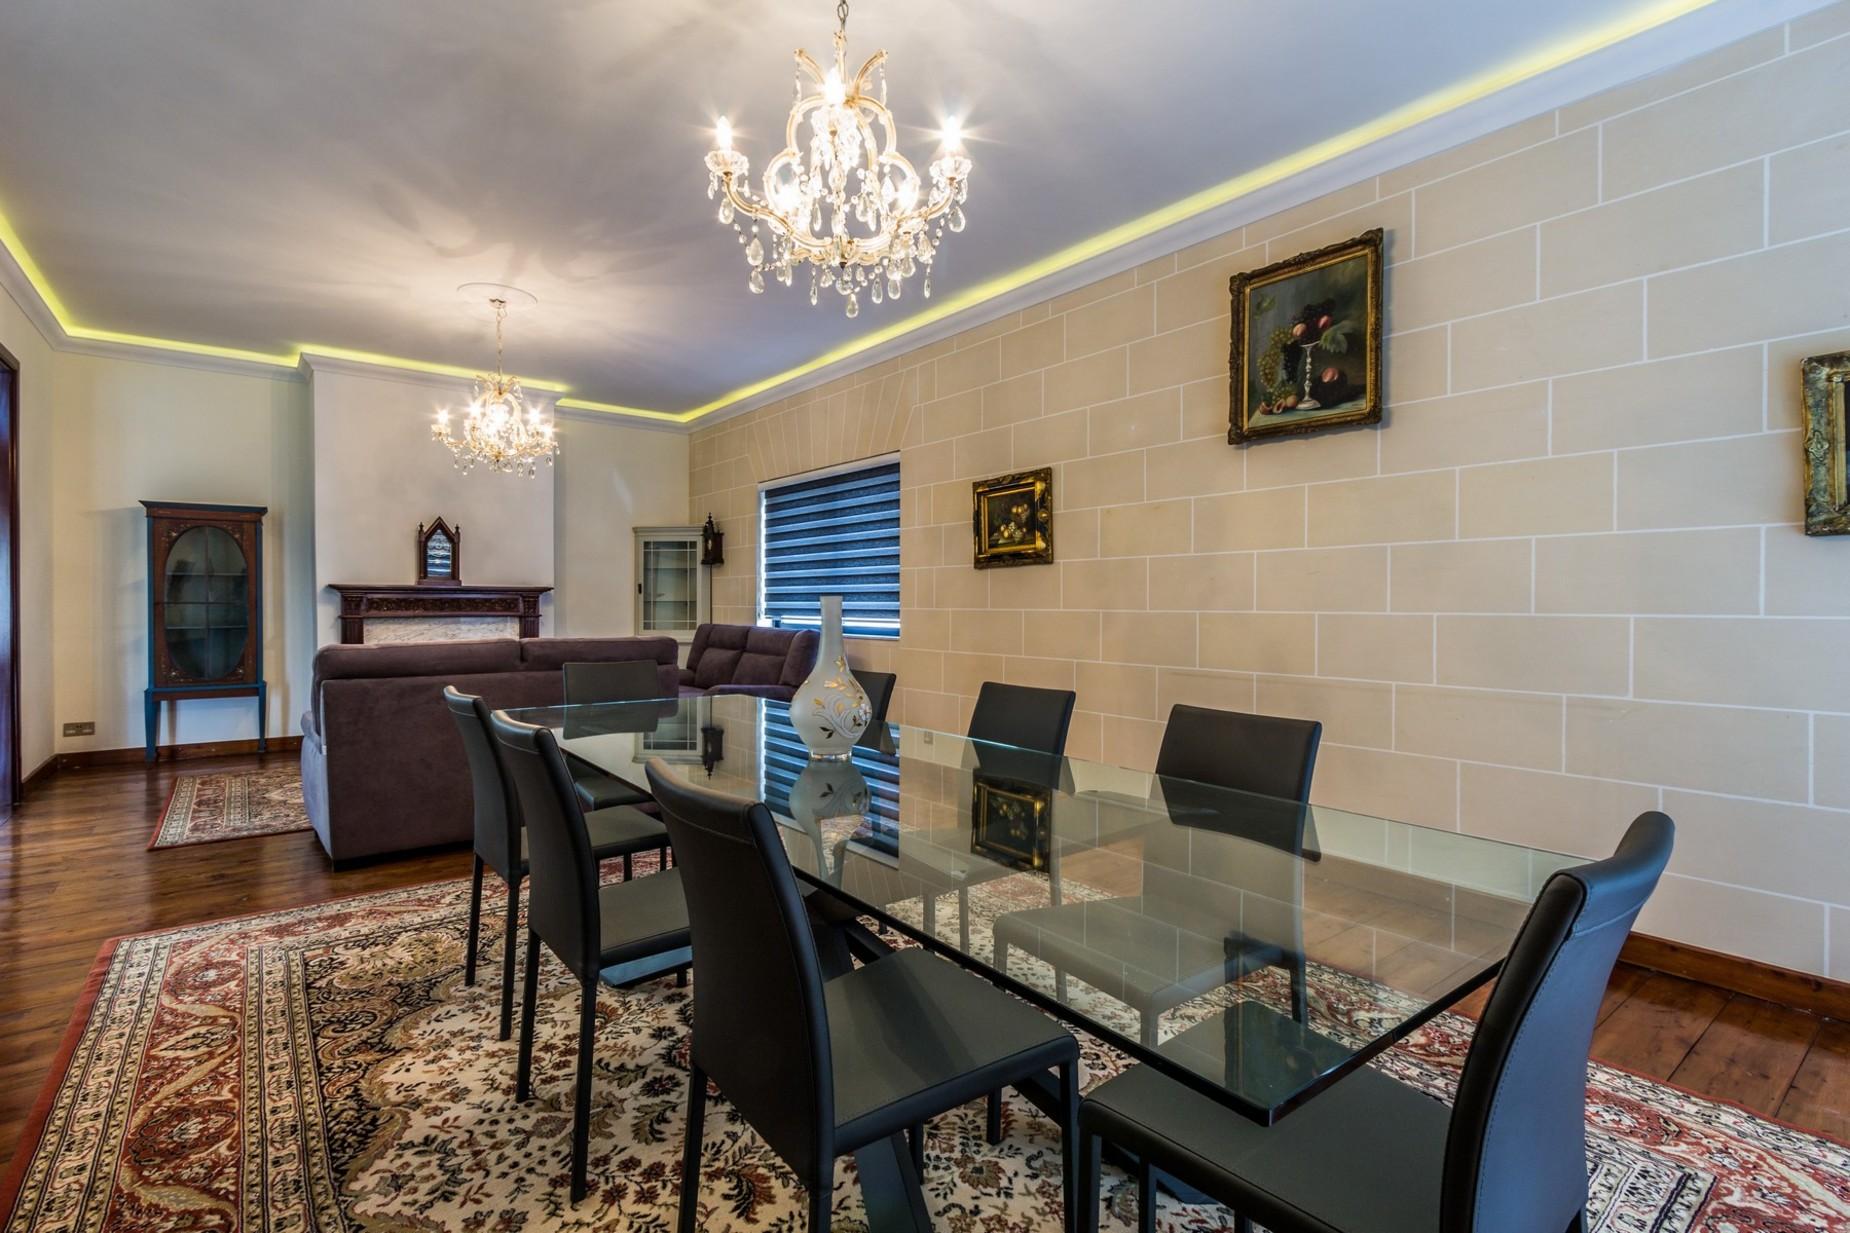 3 bed Villa For Rent in Rabat, Rabat - thumb 9